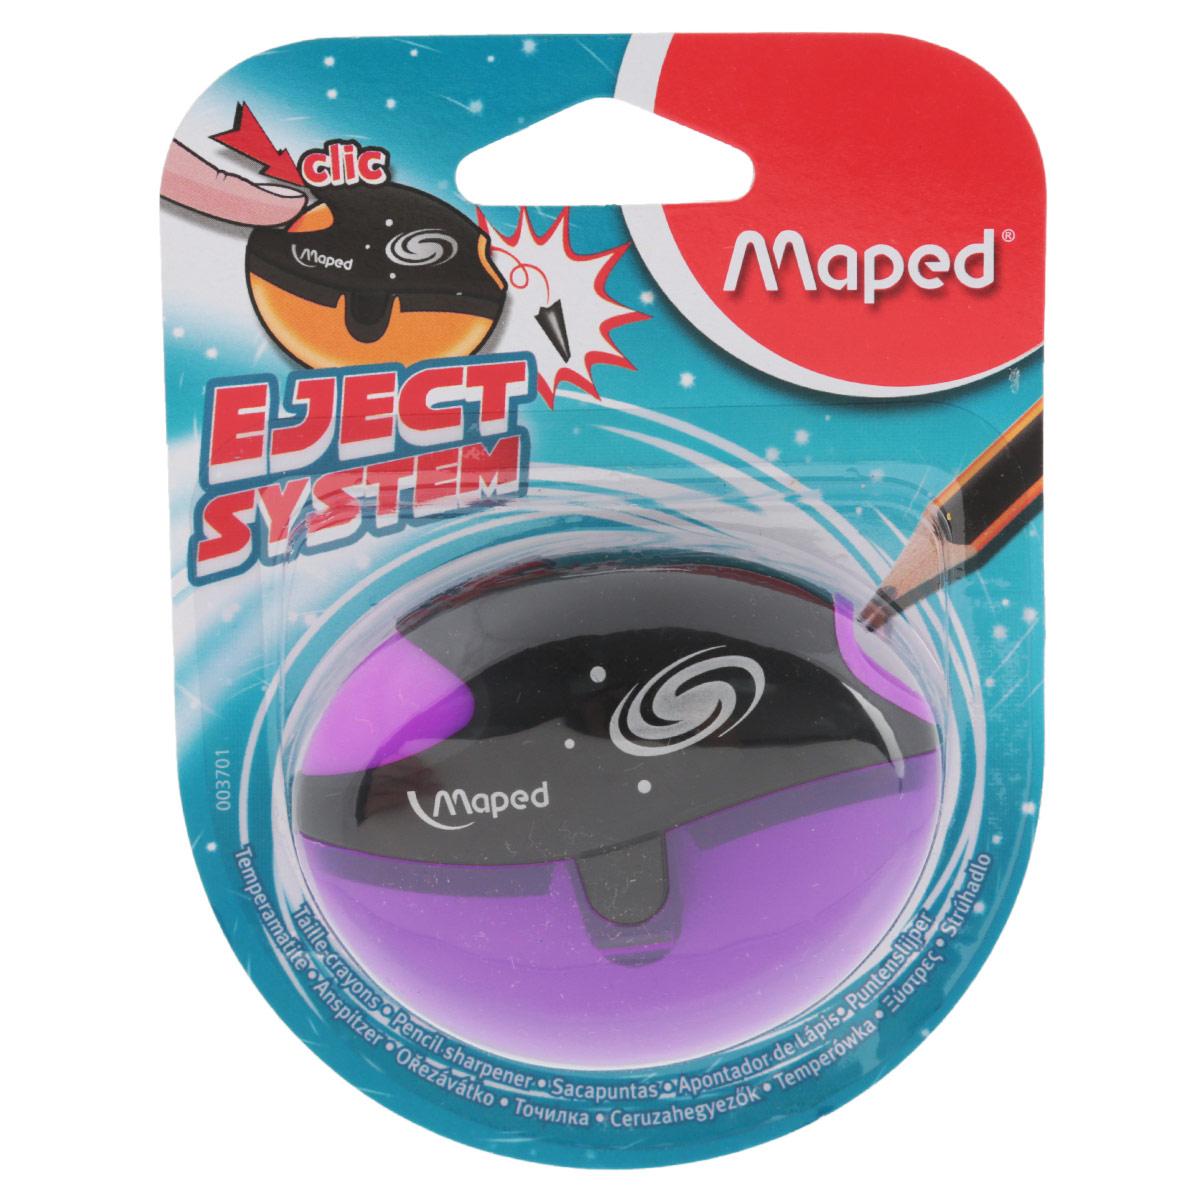 Точилка Maped Galactic, цвет: фиолетовый3701_фиолетовыйТочилка пластиковая Maped Galactic - это точилка изготовленная из пластика, с одним отверстием, контейнером и специальной защитой от сломанного грифеля. Полупрозрачный контейнер для сбора стружки повышенной вместимости позволяет визуально контролировать уровень заполнения и вовремя производить очистку. Это точилка, в которой не застревает грифель. Одно нажатие на кнопку освобождает точилку от сломанного грифеля. Предназначена для использования как в школе, так и в офисе. Рекомендовано детям старше трех лет.